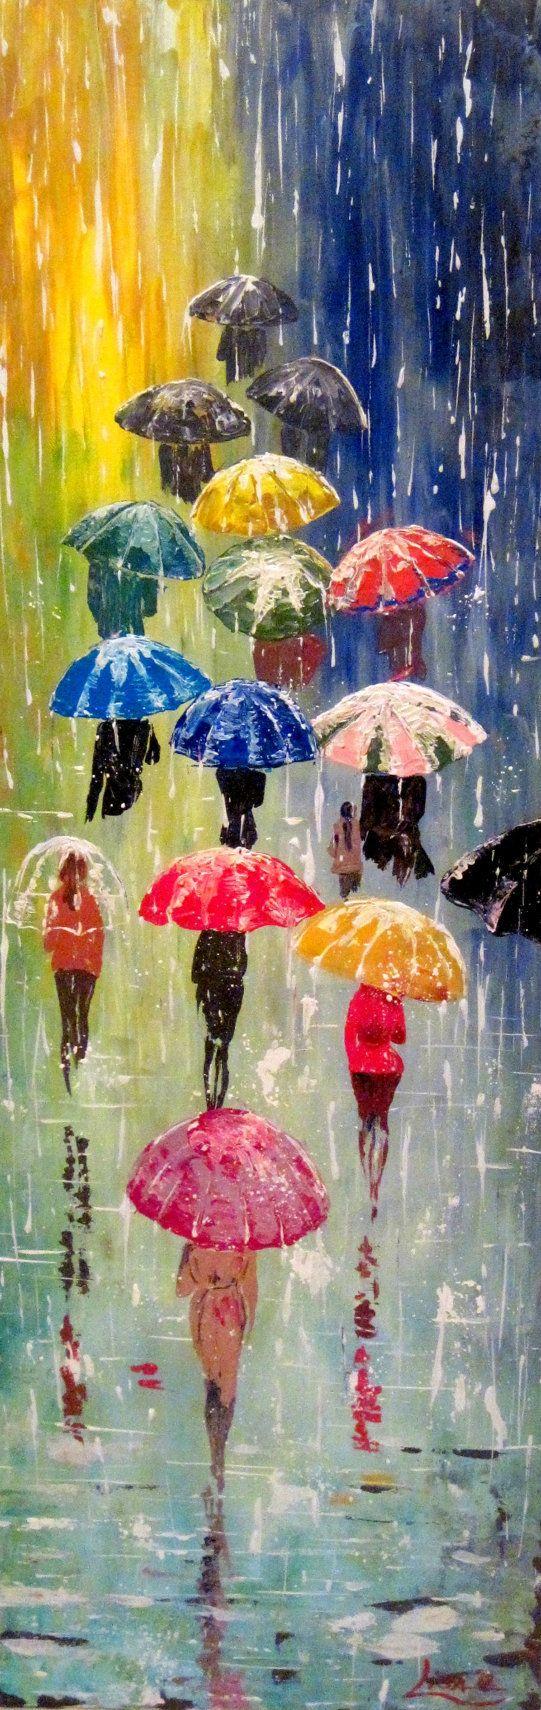 Oorspronkelijke schilderij paraplu's  32 x 12acryl regen